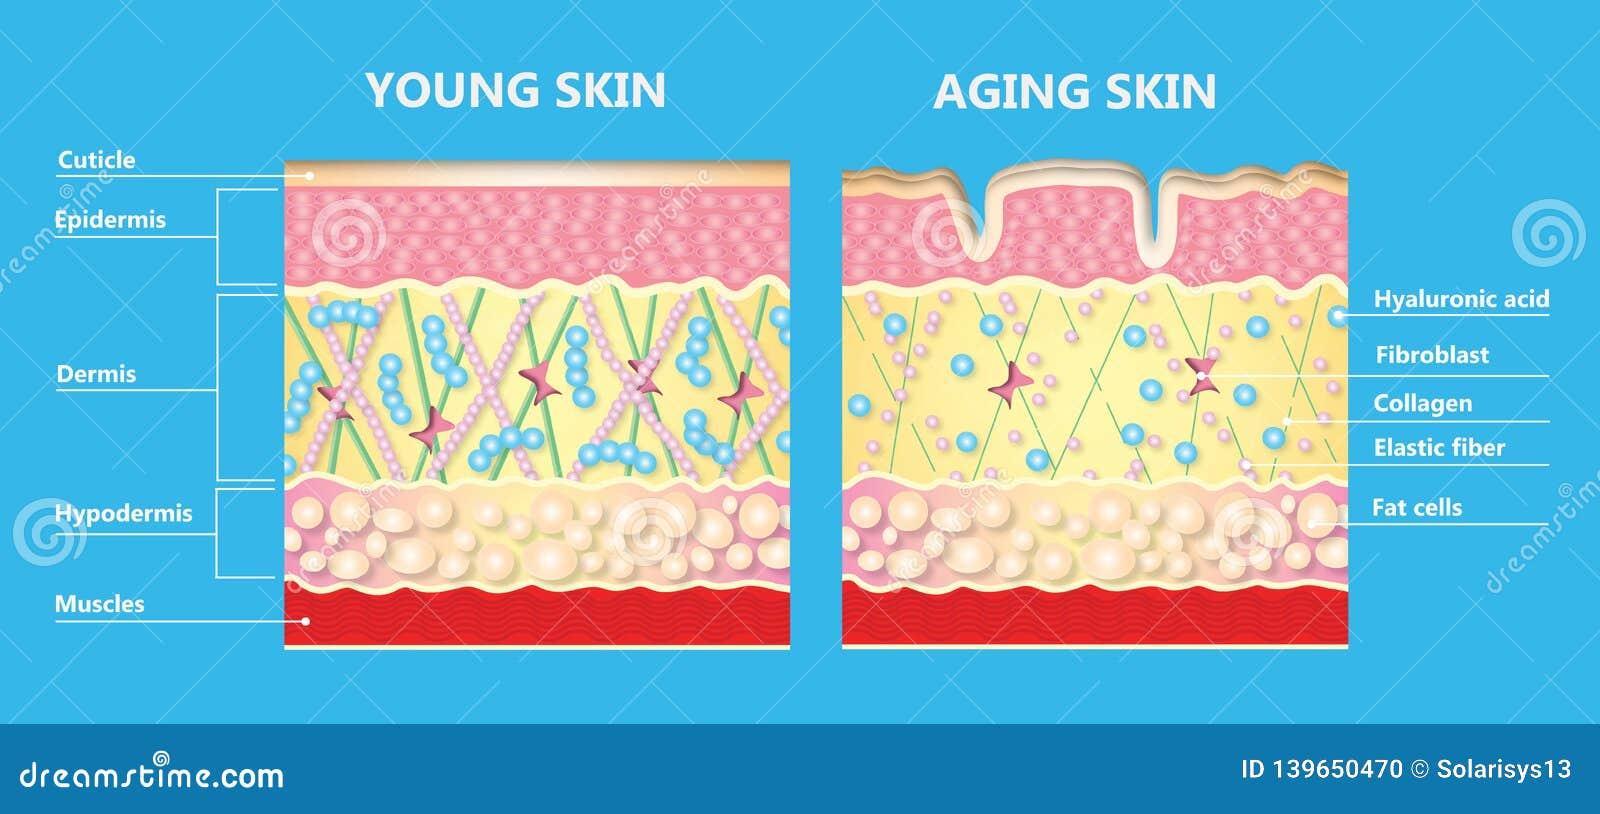 Diagram młoda skóra i starzenie się skóra